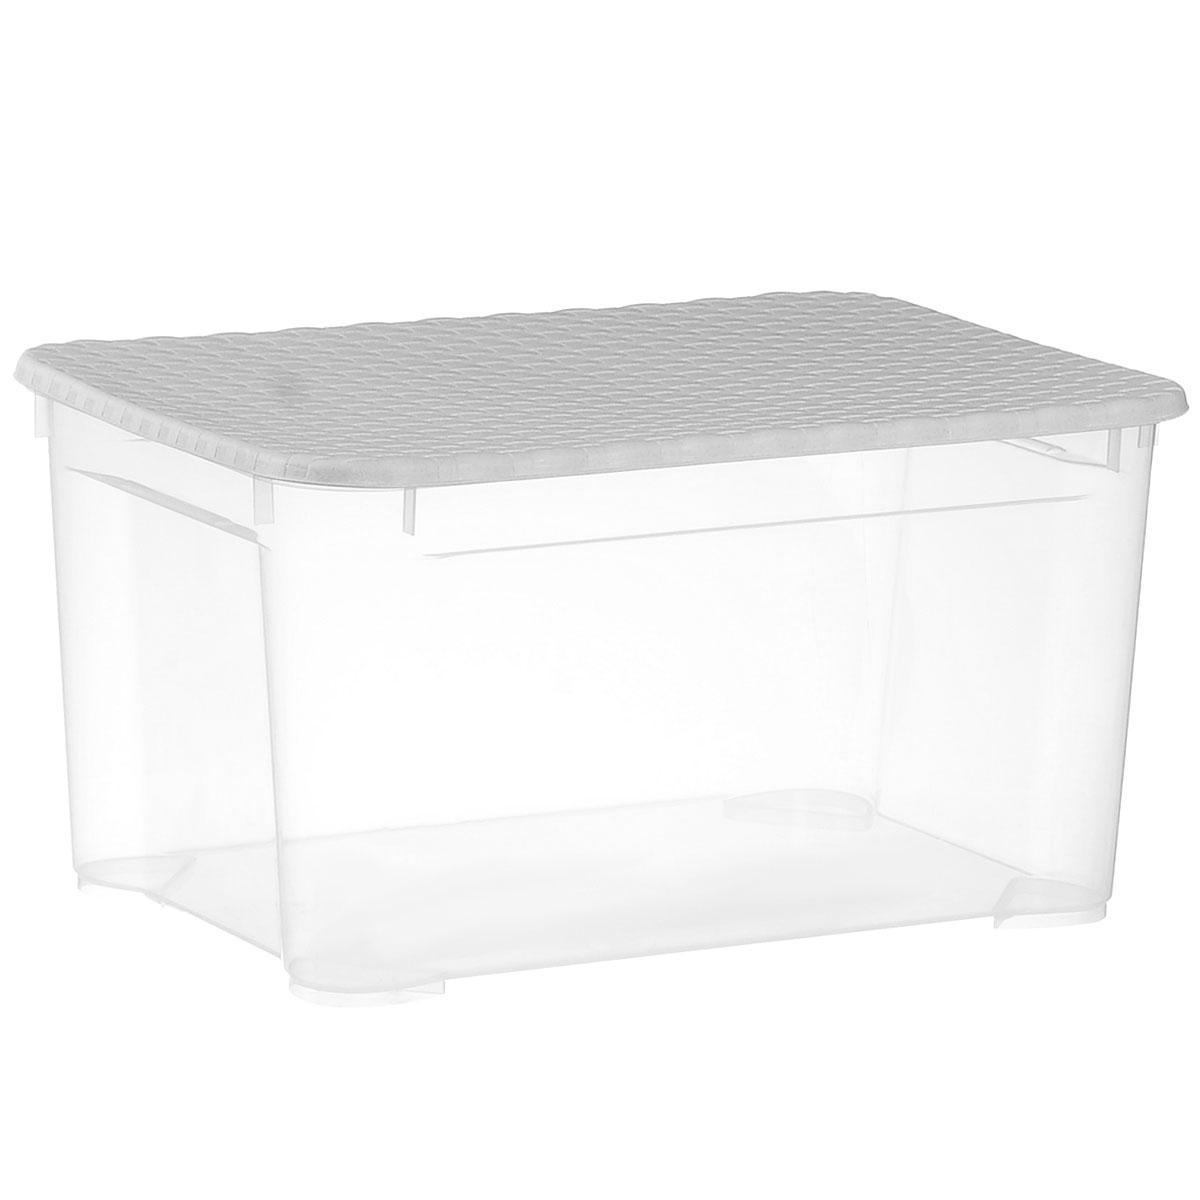 Ящик универсальный Econova Ротанг, с крышкой, цвет: прозрачный, серый, 55,5 см х 39 см х 29 смС12812_прозрачный, серыйУниверсальный ящик Econova Ротанг выполнен из прочного пластика и предназначен для хранения различных предметов. Ящик оснащен удобной крышкой с рельефной поверхностью с имитацией плетения. Очень удобный и вместительный, такой ящик защитит ваши вещи от пыли и грязи.